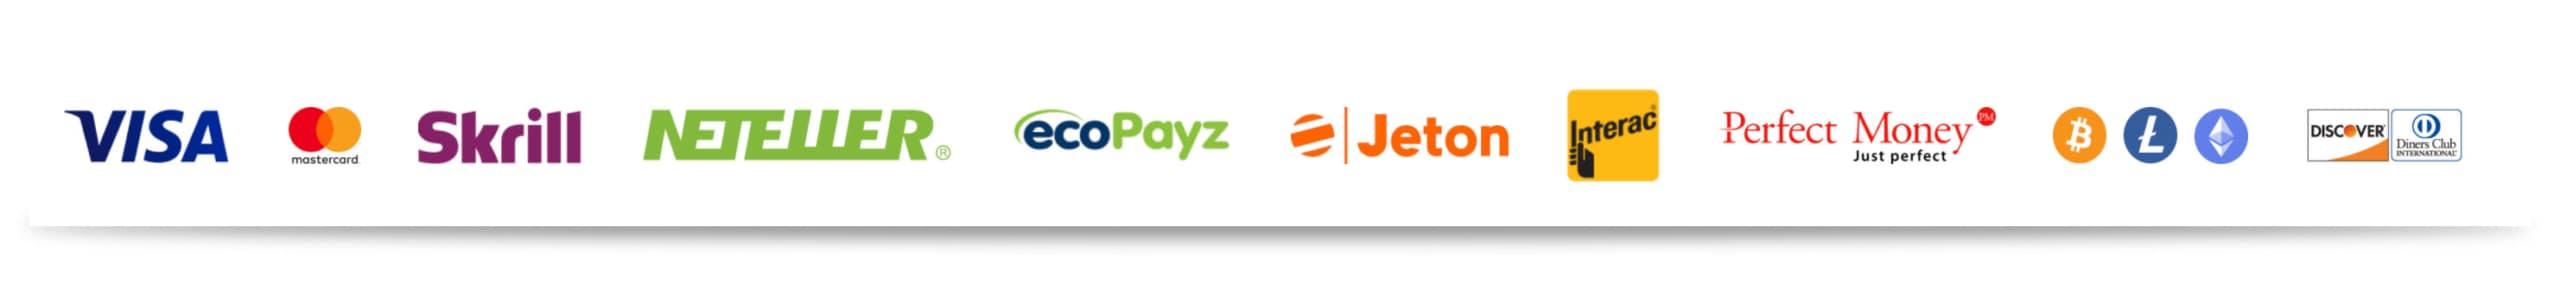 20bet Ein- und Auszahlungsmöglichkeiten